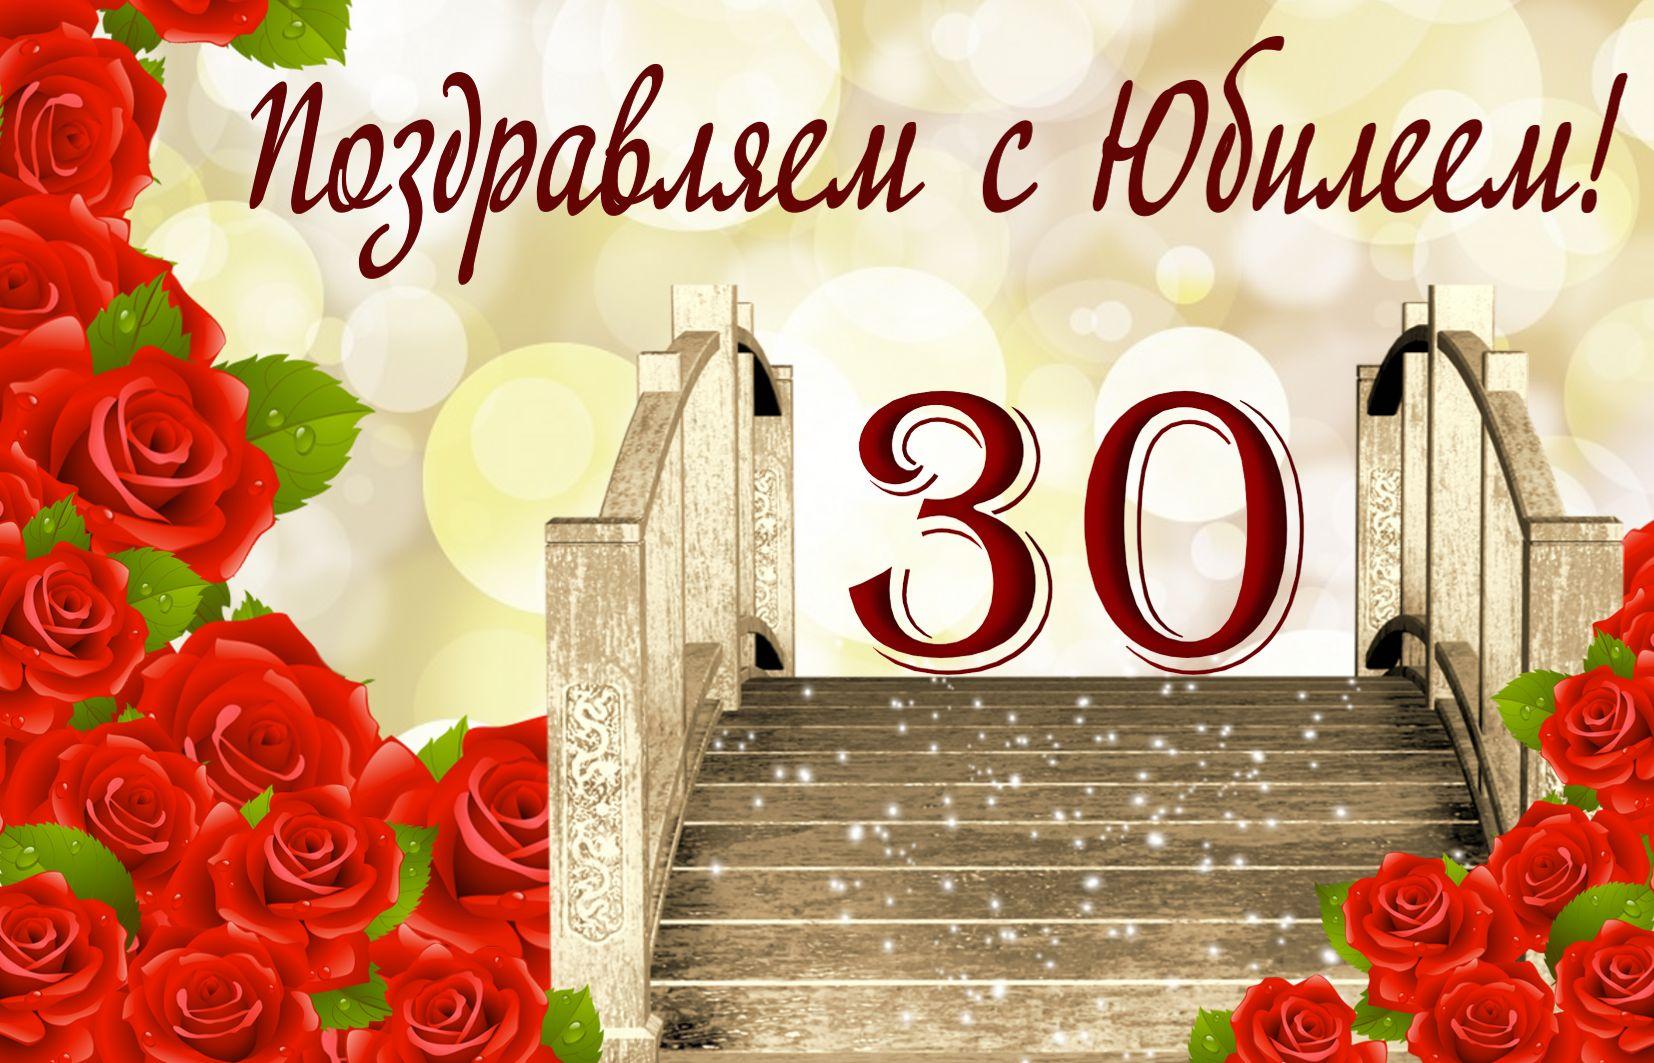 Открытка на юбилей 30 лет - лестница в будущее в оформлении из роз